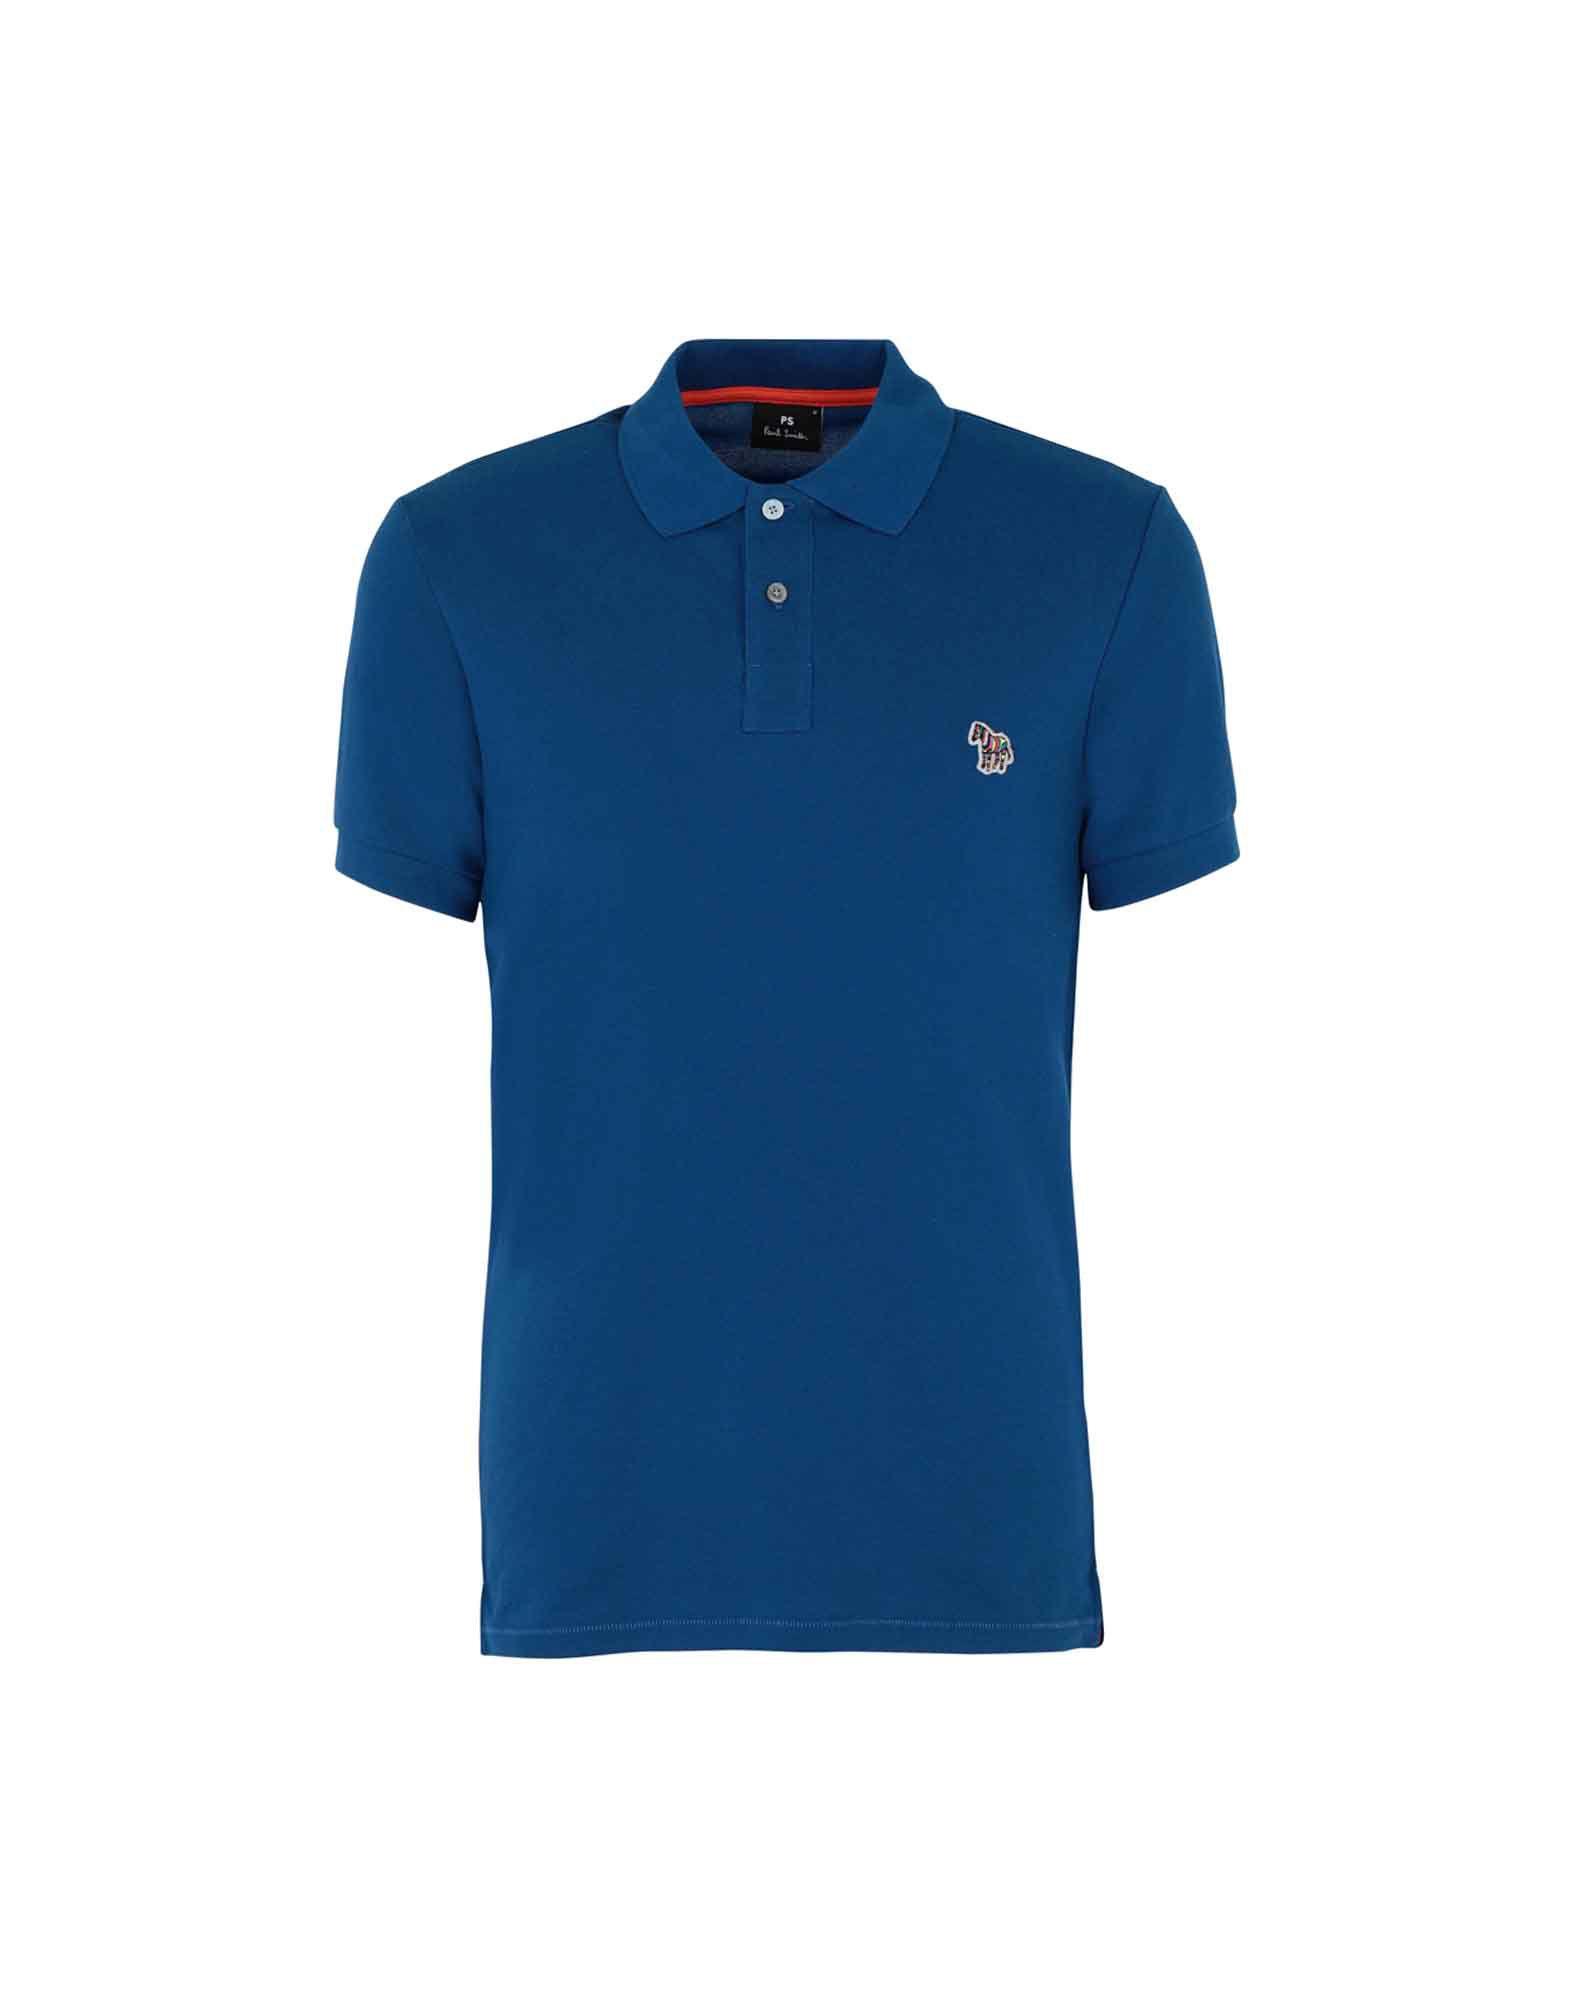 《送料無料》PS PAUL SMITH メンズ ポロシャツ ブルーグレー S 100% オーガニックコットン